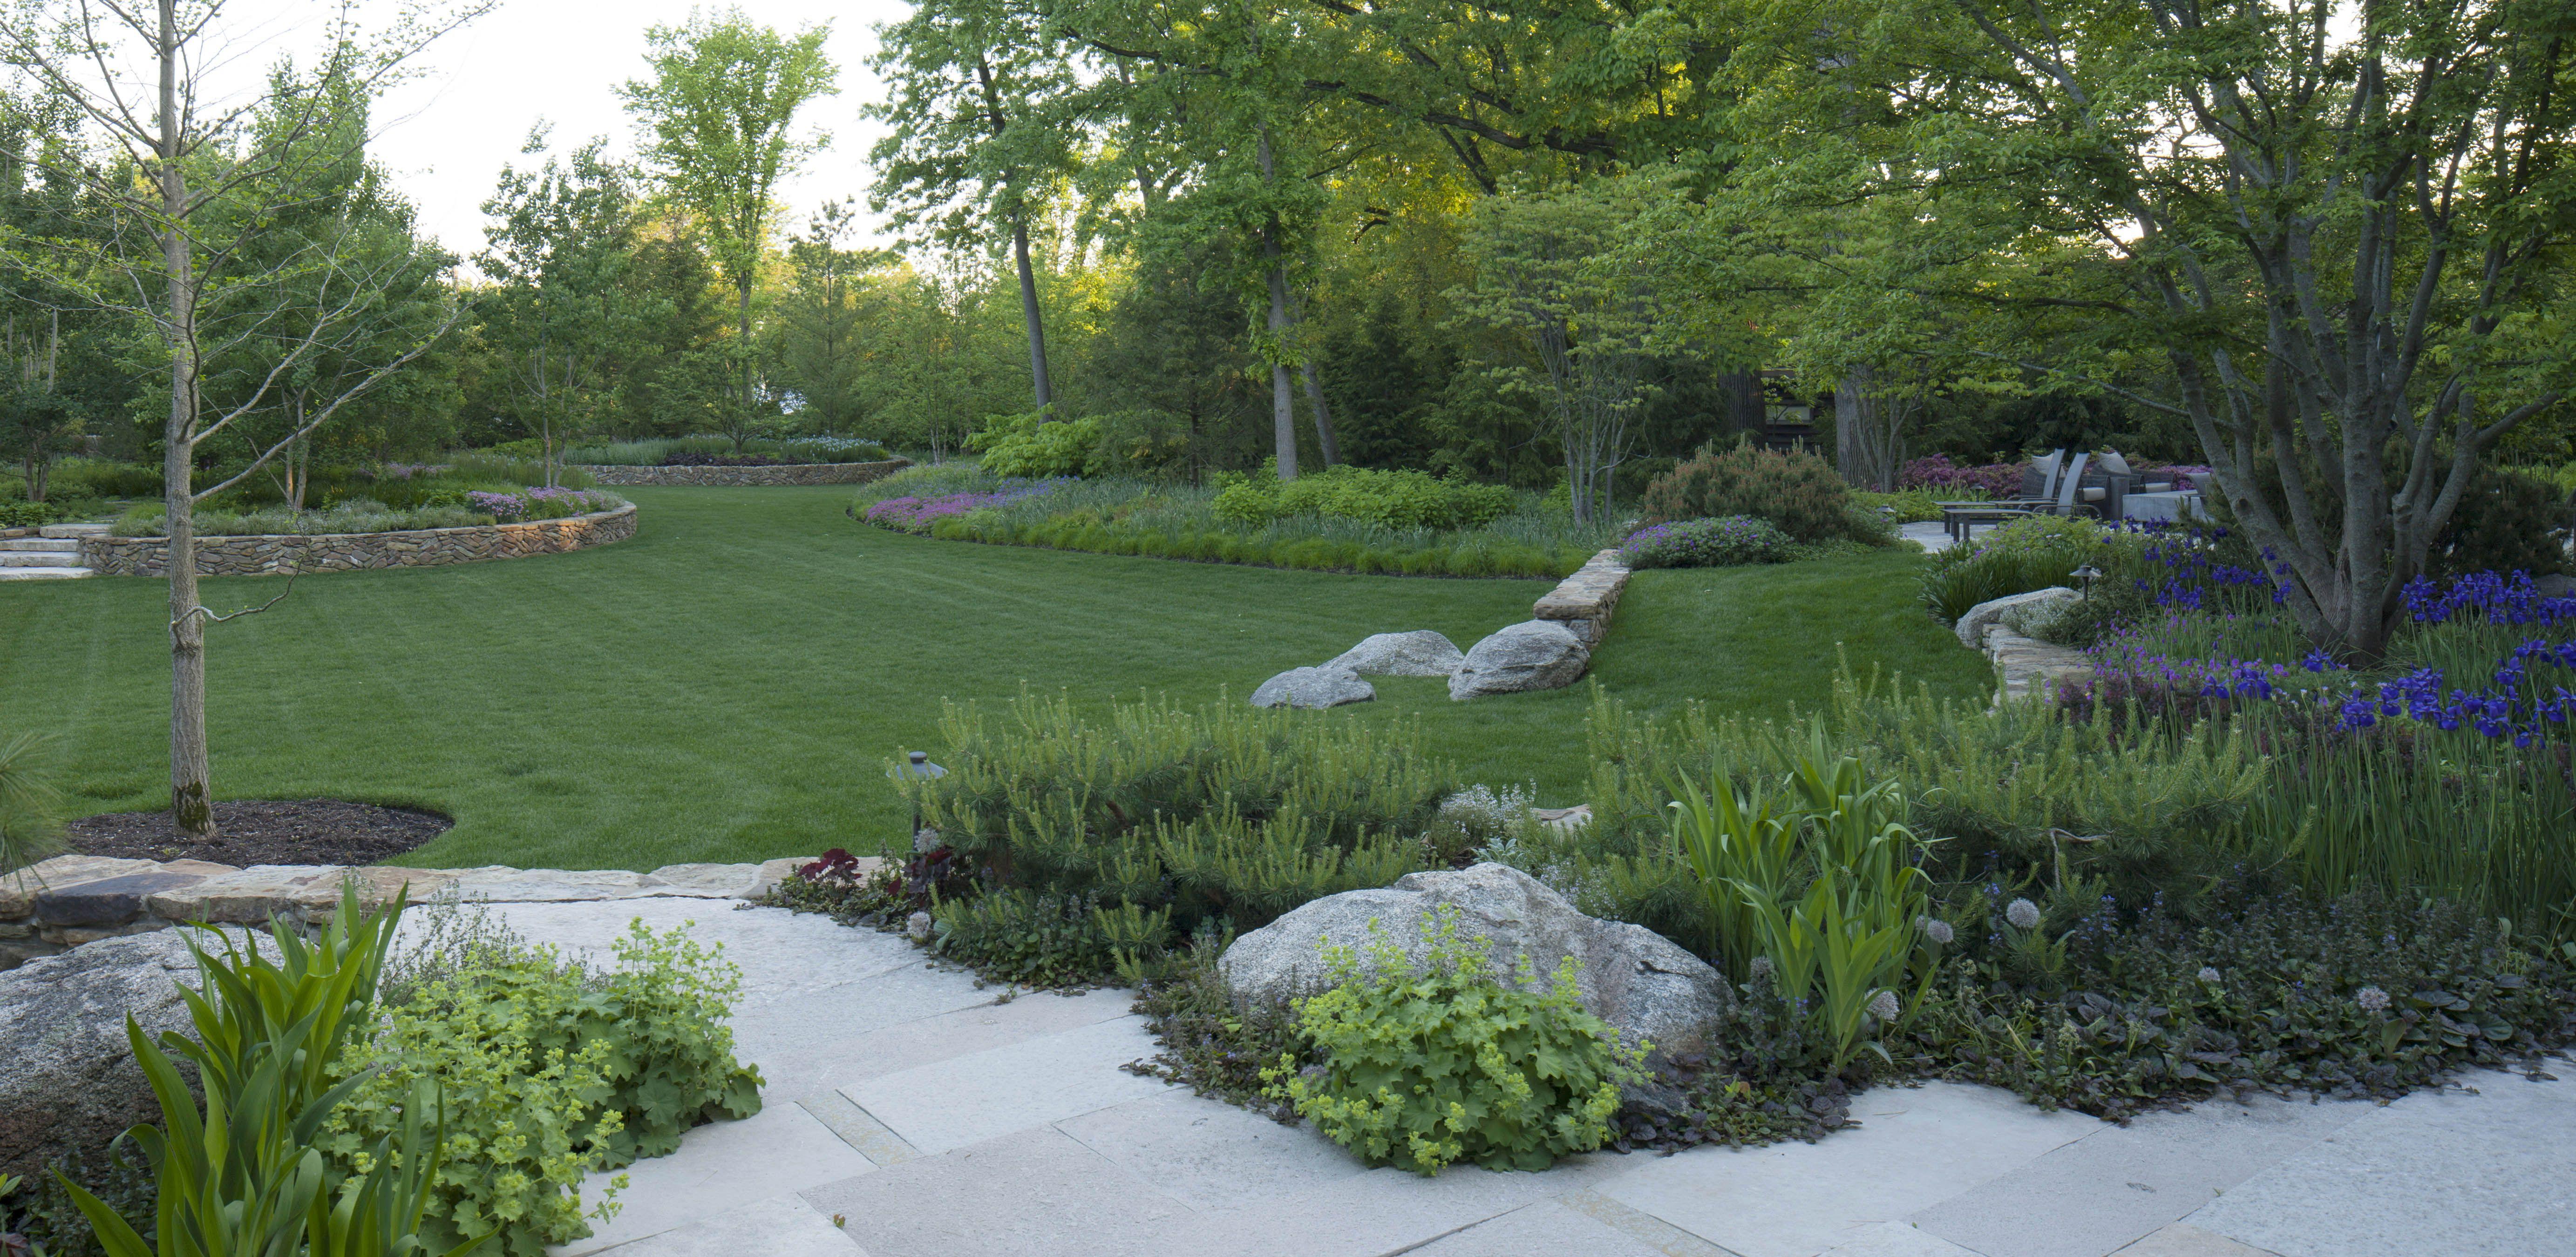 Hoerr schaudt landscape architects ideen rund ums haus for Hoerr schaudt landscape architects